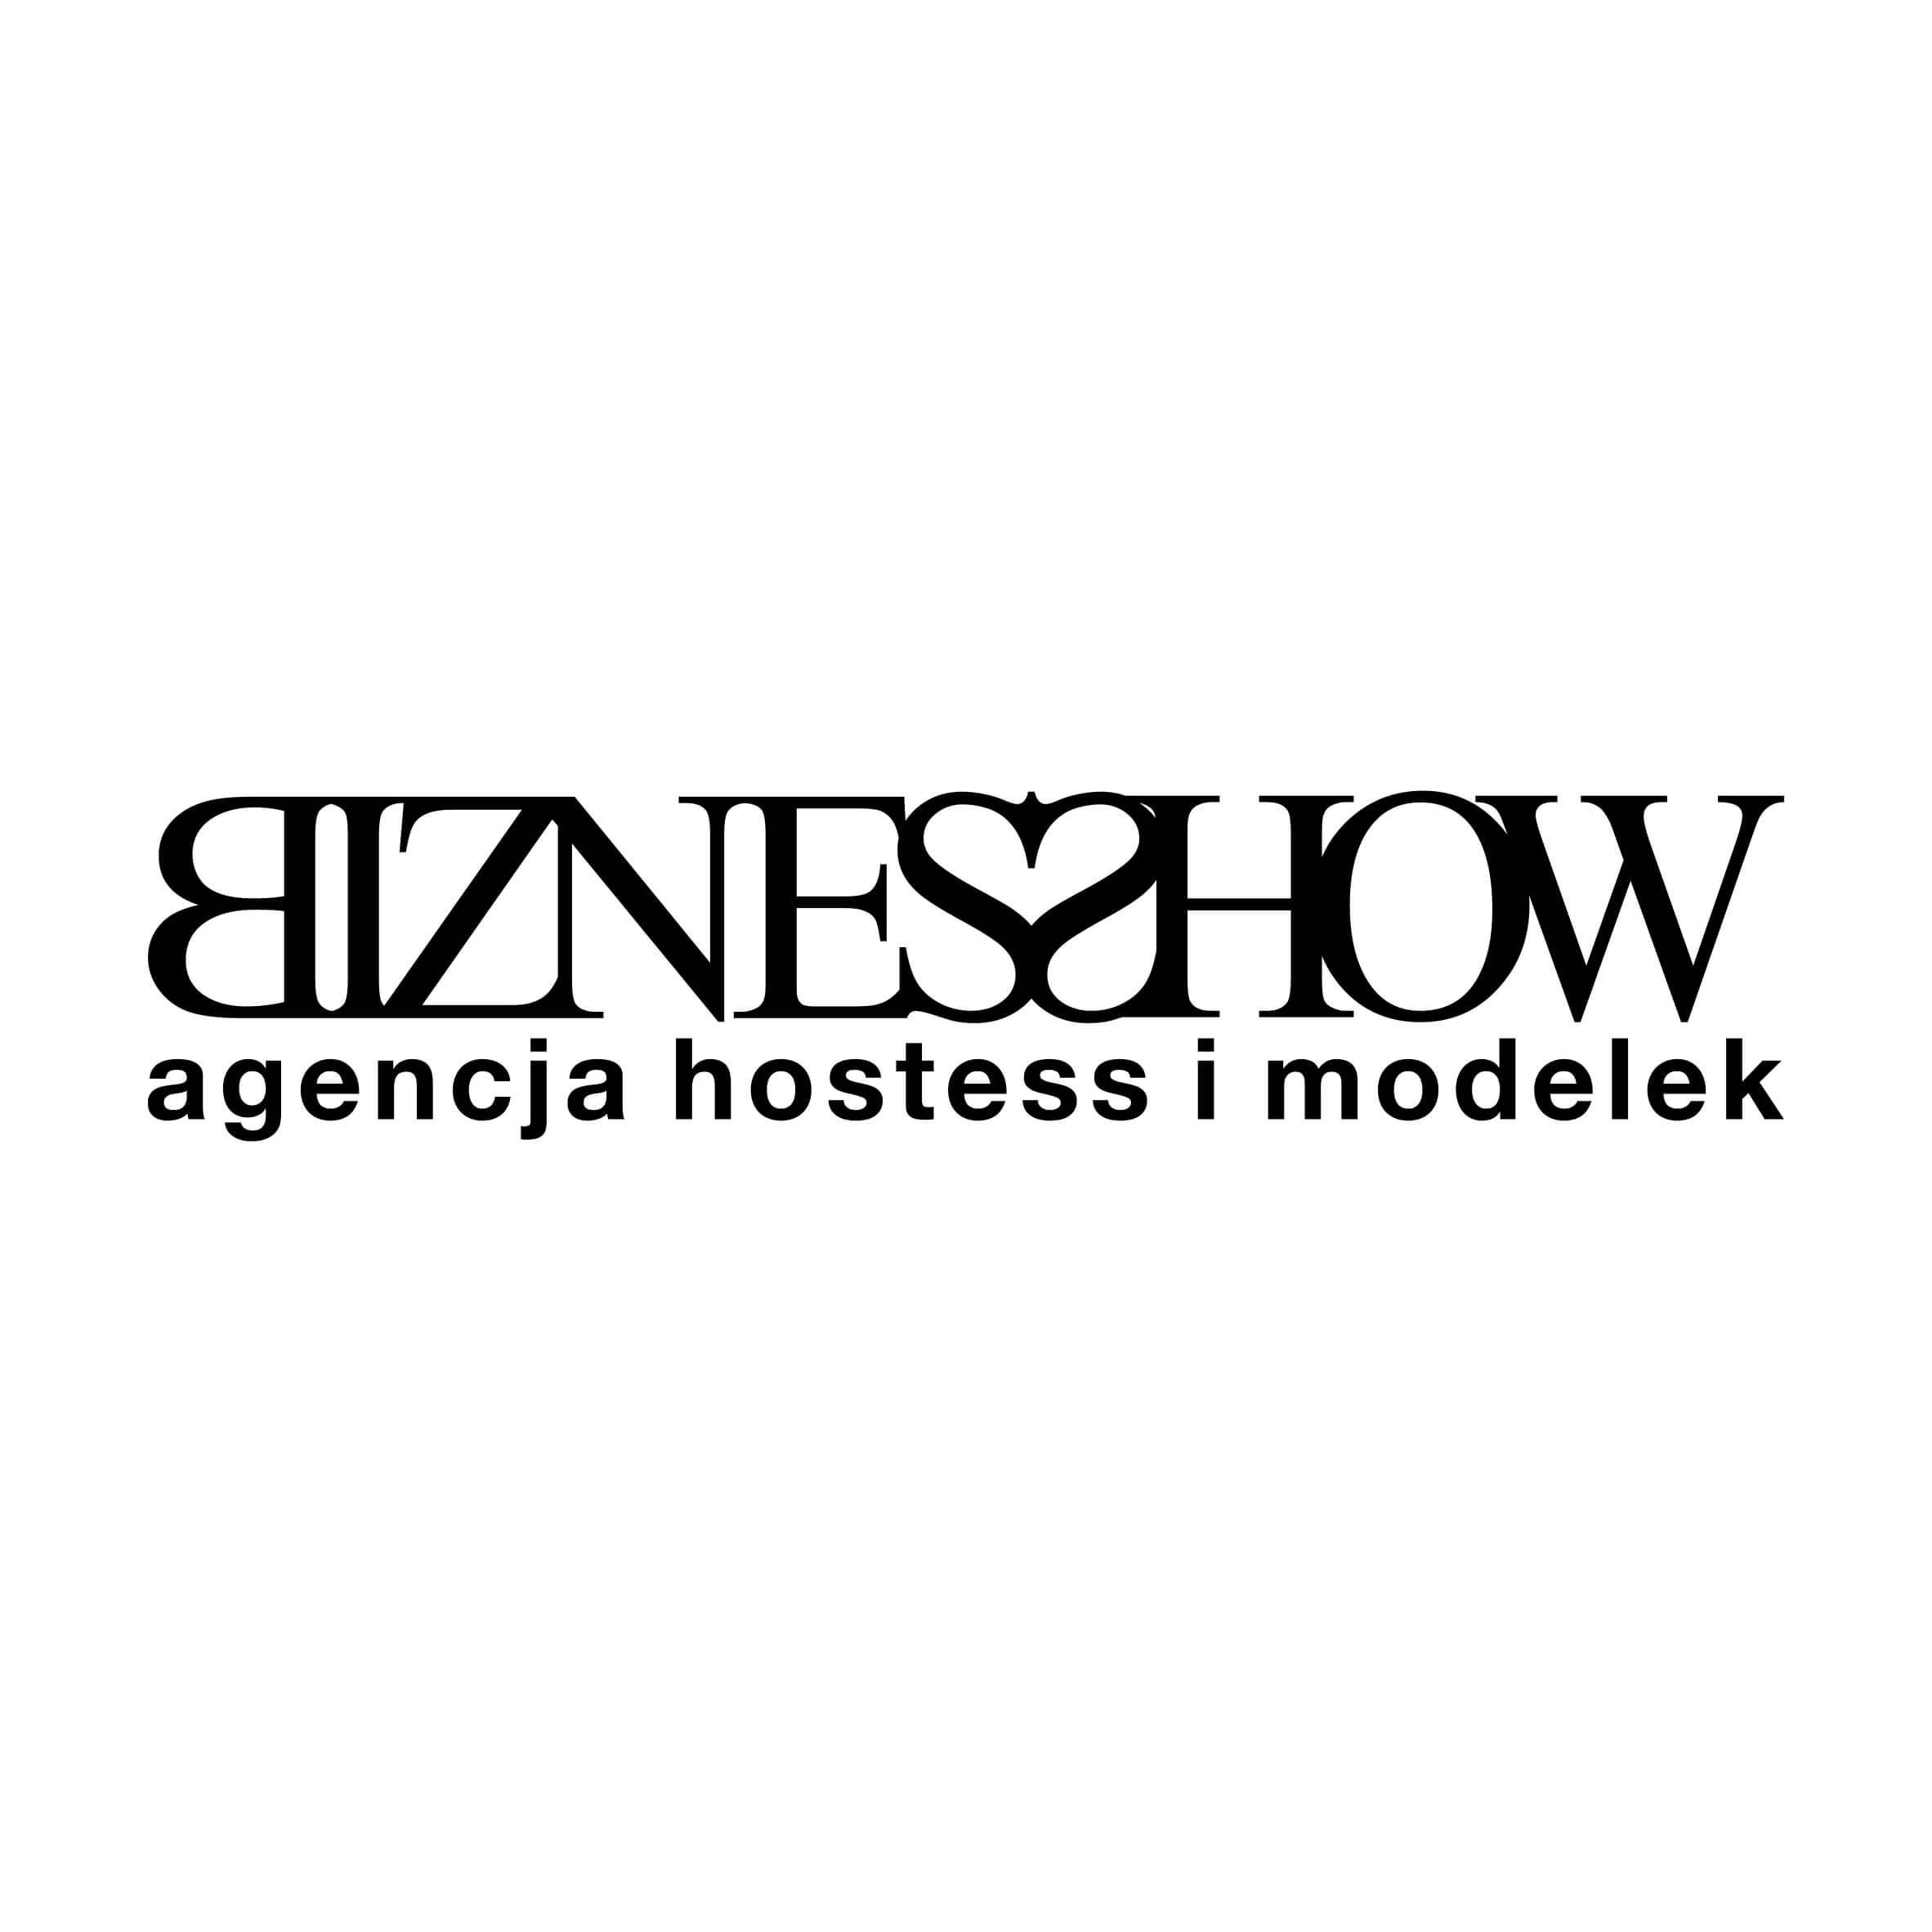 Bizneshow - agencja hostess i modelek